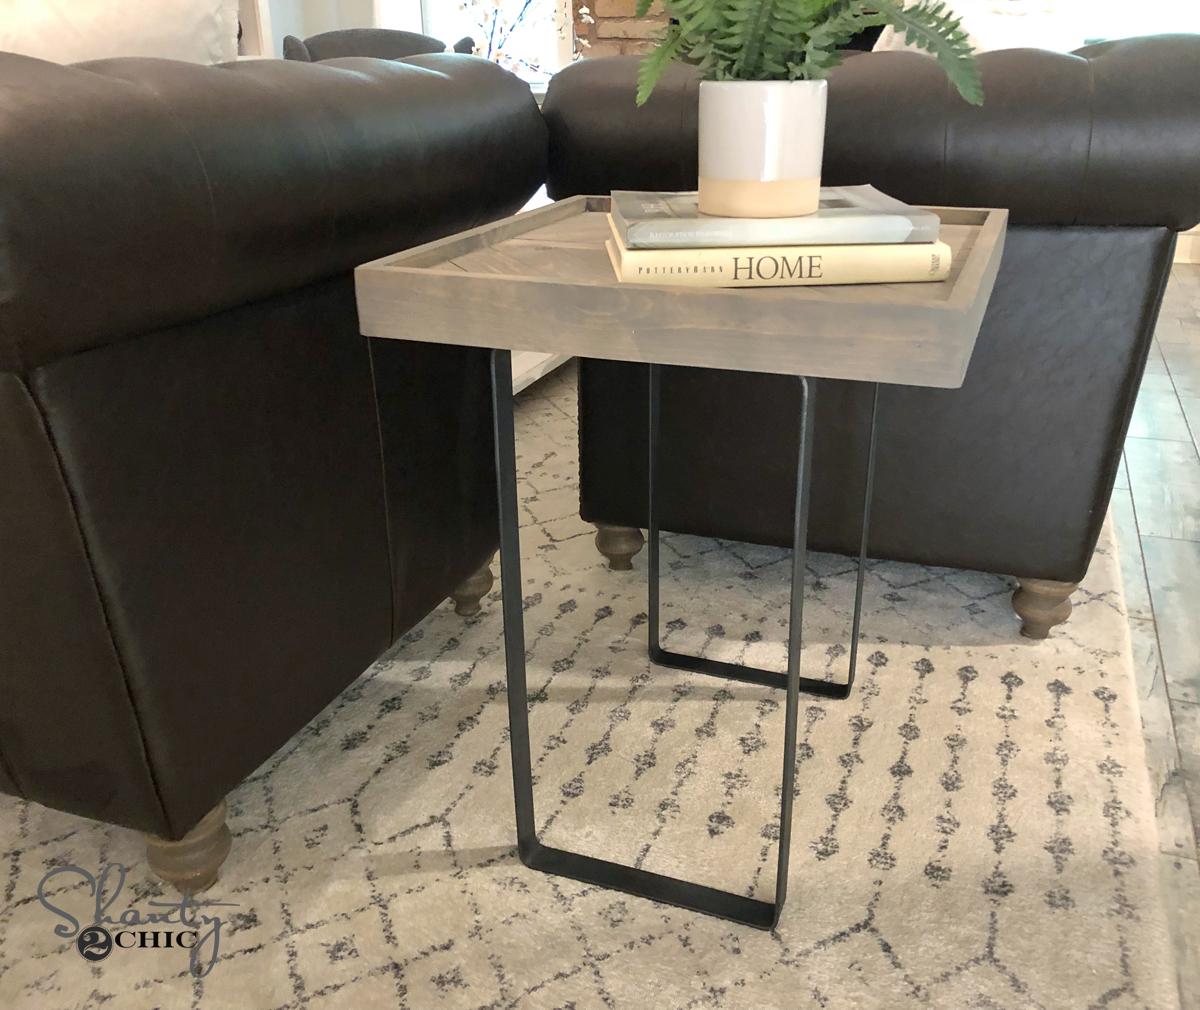 Diy Rustic Wood End Table: DIY Modern Rustic End Table